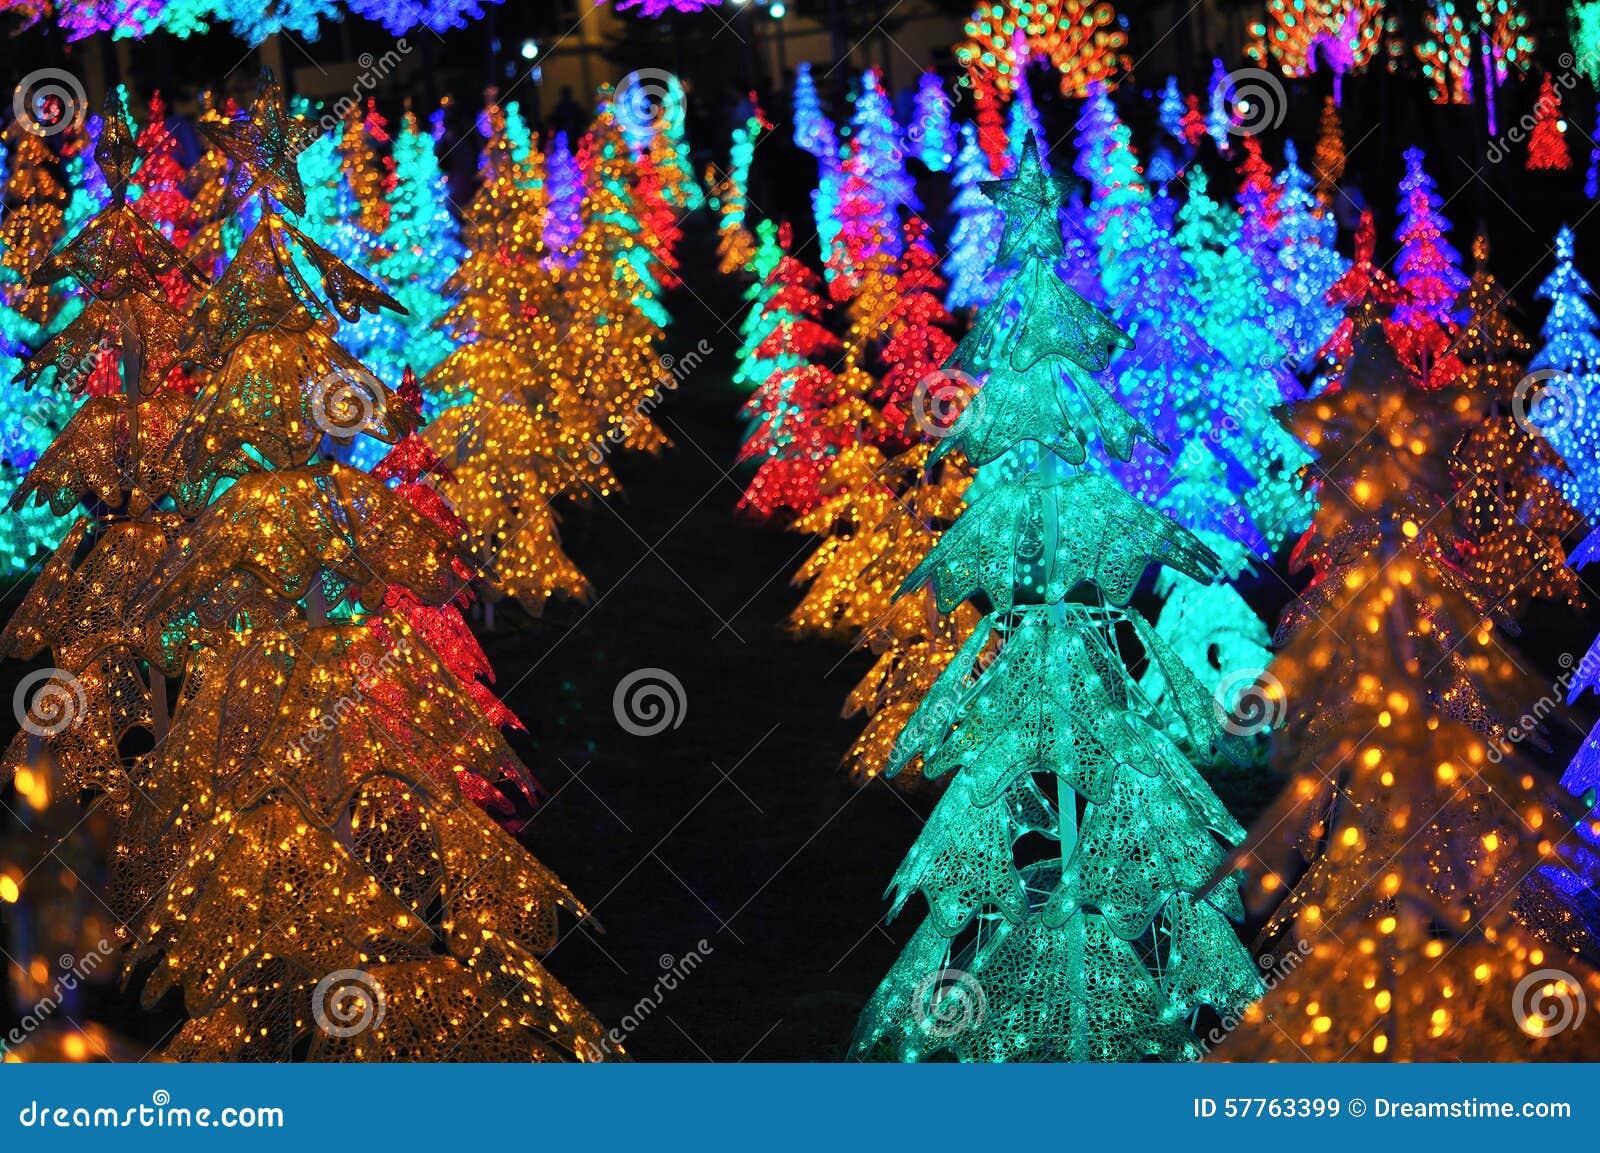 Christmas lights stock photo image 57763399